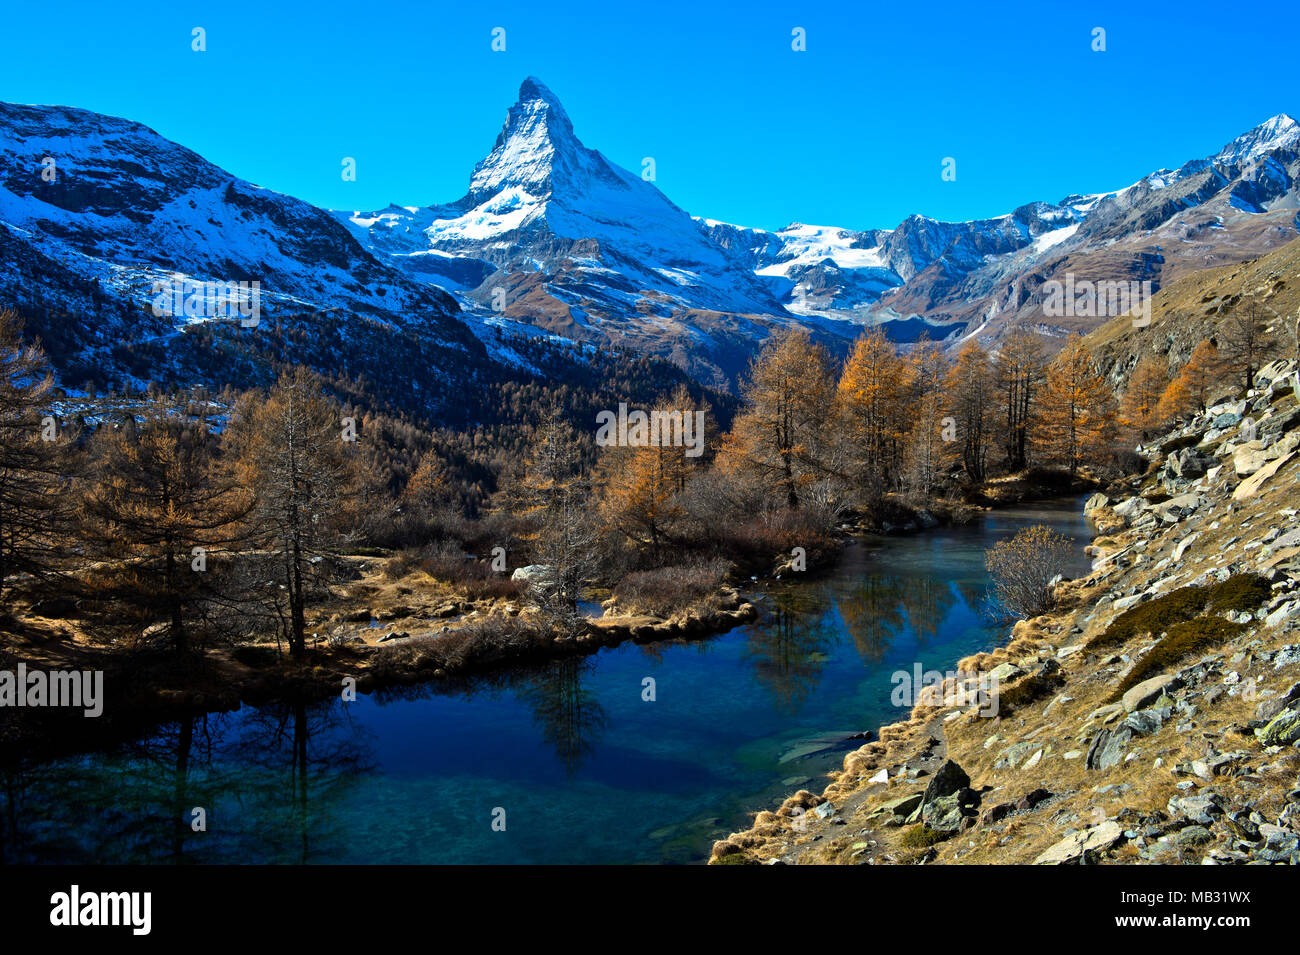 See Grindjesee im Herbst, mit Blick auf die schneebedeckte Matterhorn, Zermatt, Wallis, Schweiz Stockbild